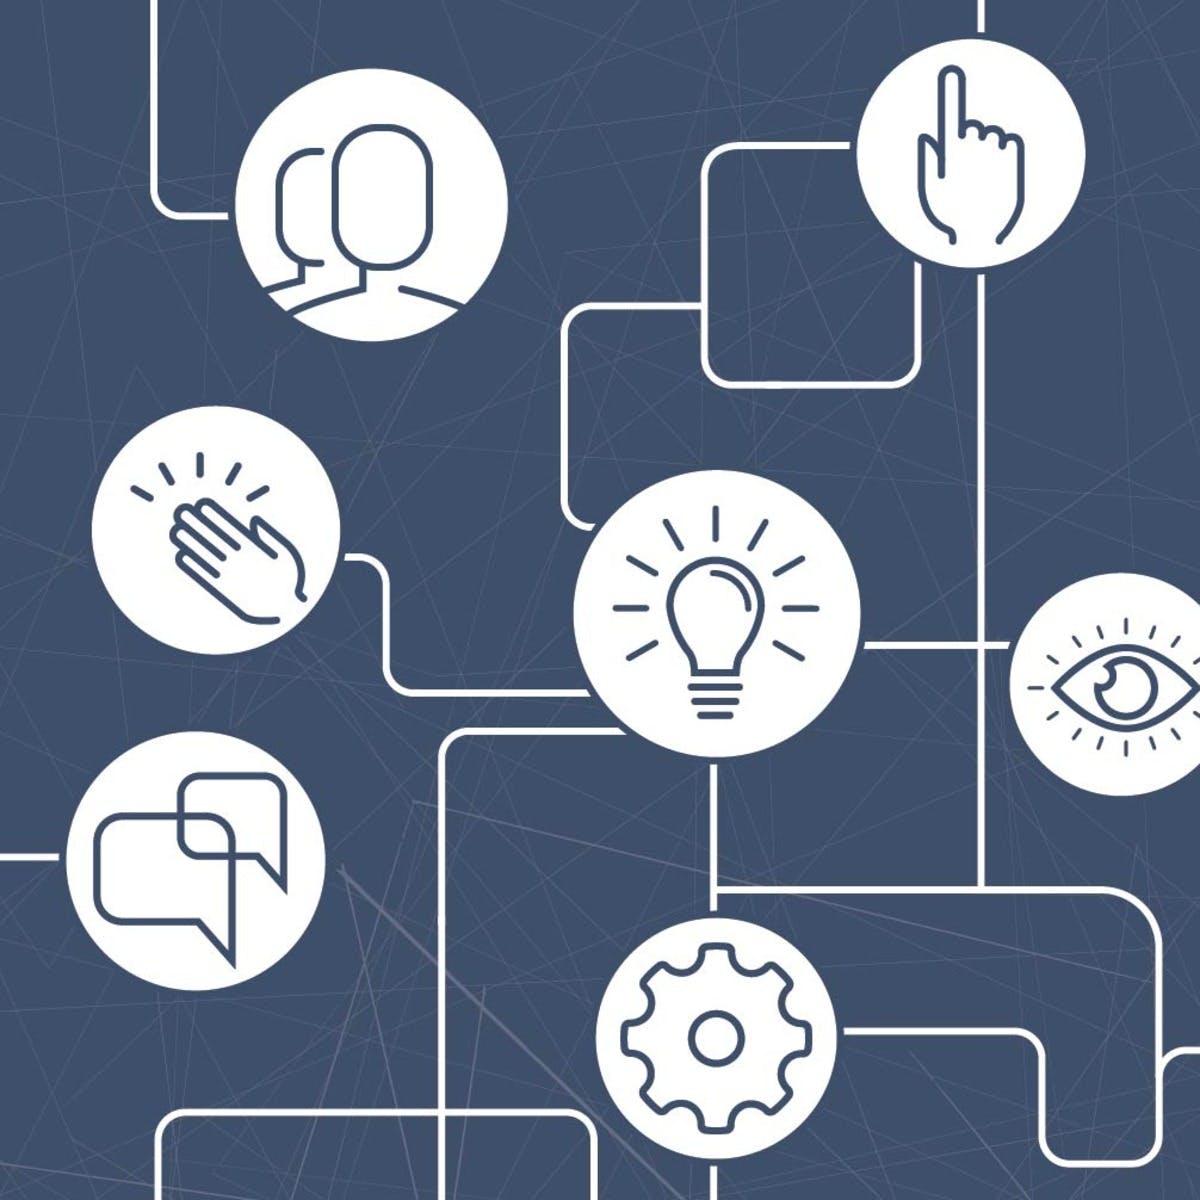 Identifying Social Entrepreneurship Opportunities